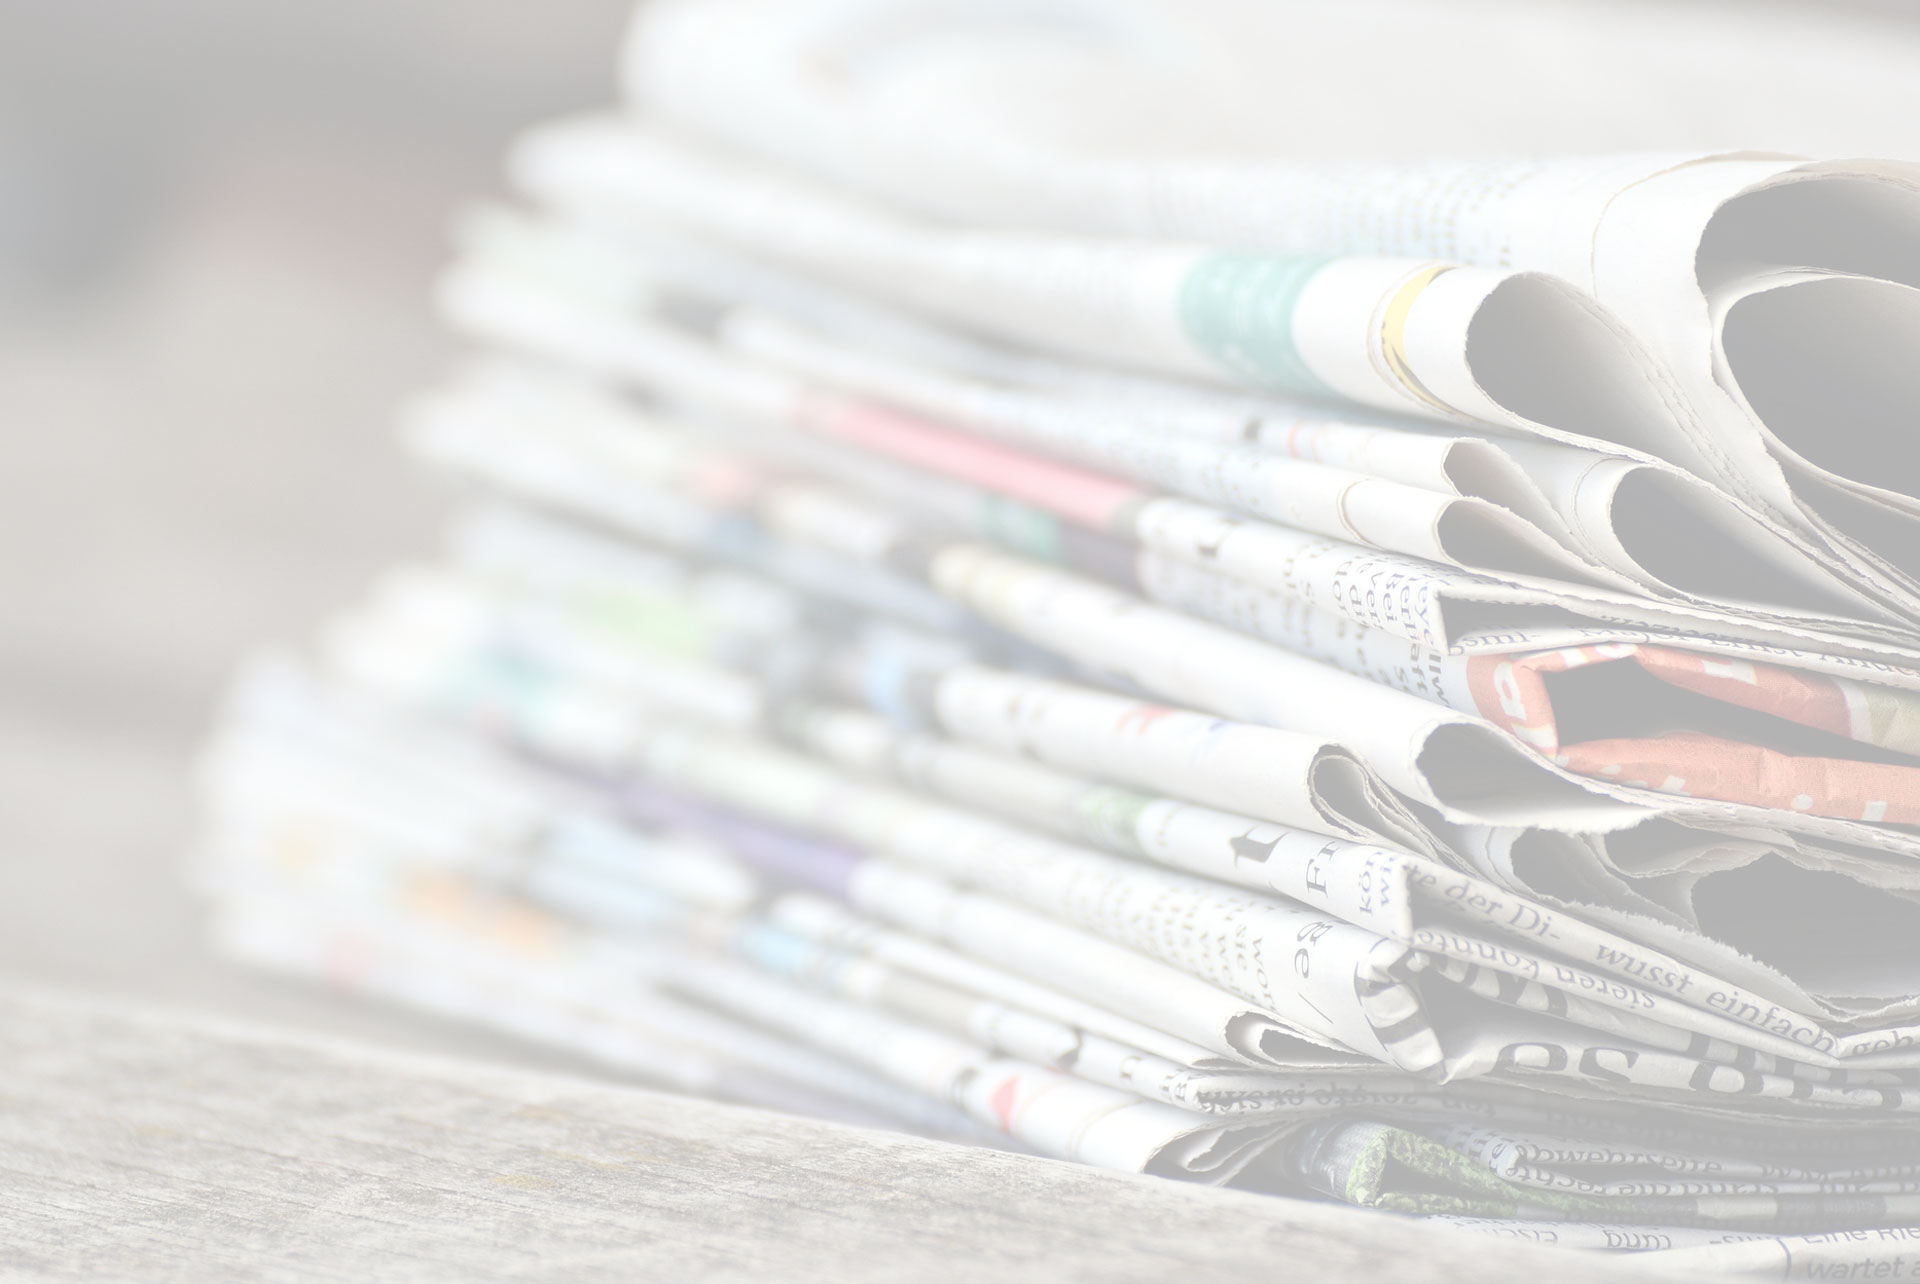 Internazionali d'Italia, il tabellone e i risultati